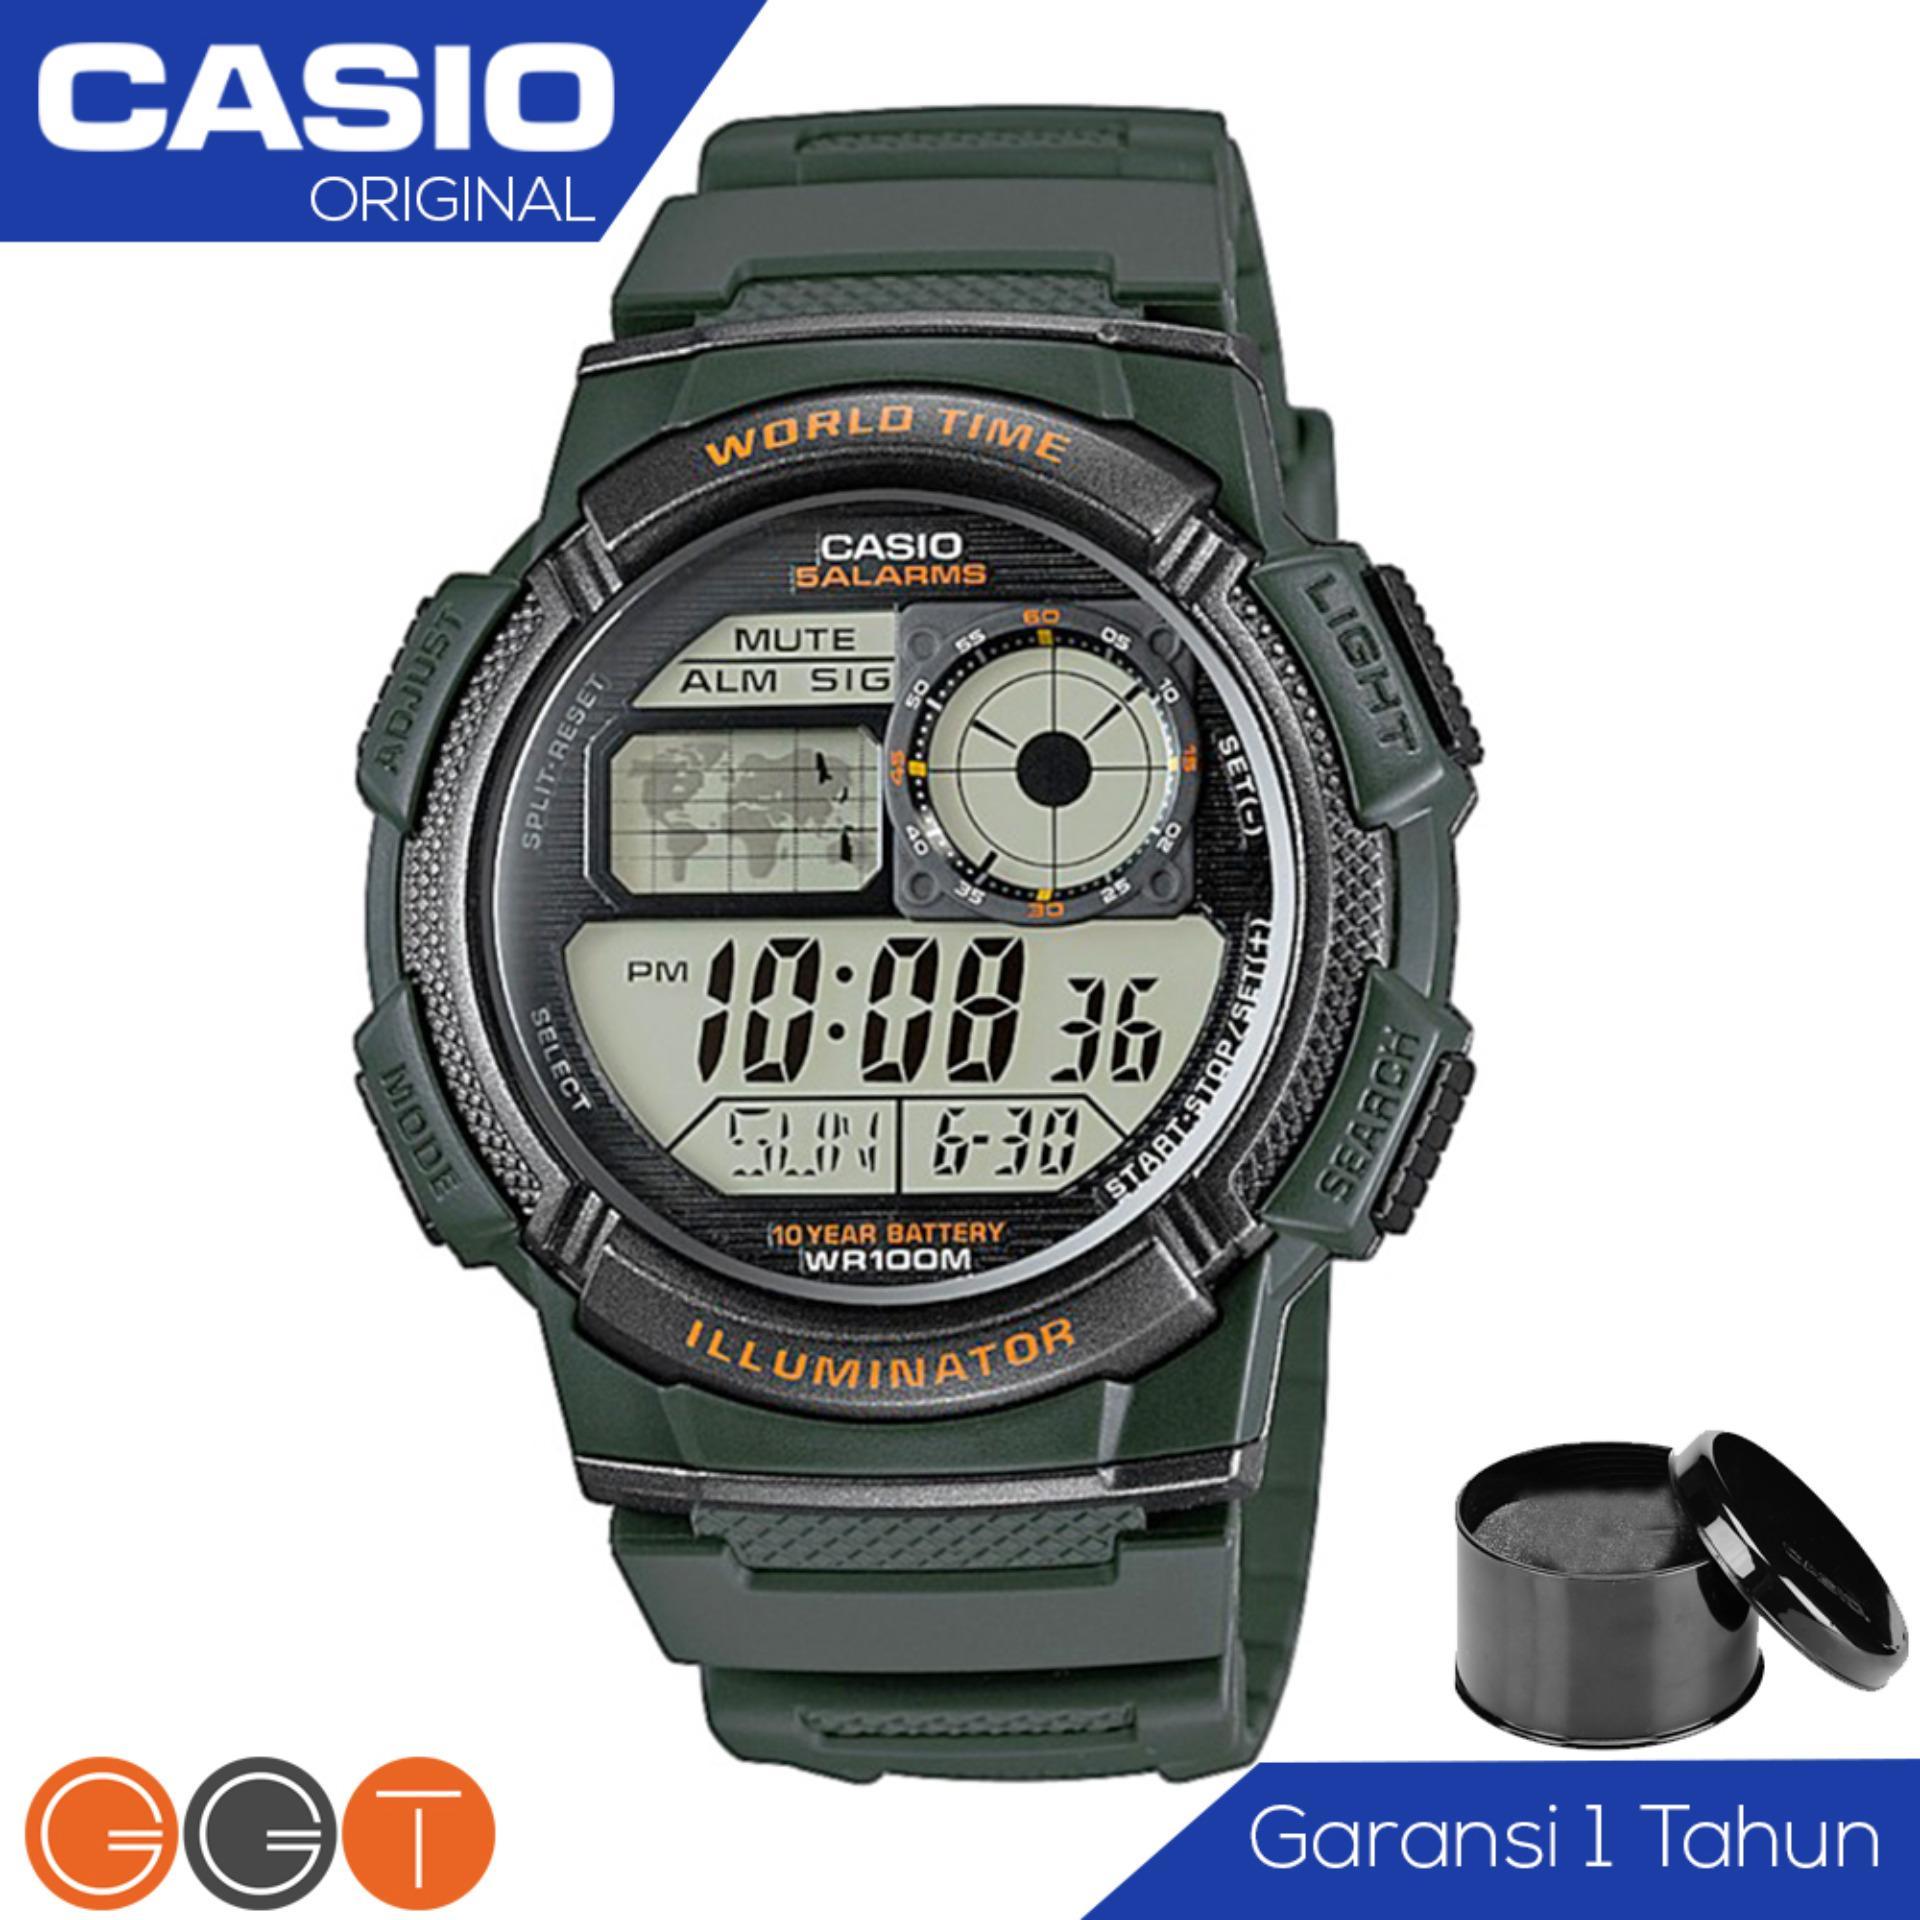 Diskon Casio Army Illuminator Ae 1000W 3Avdf Jam Tangan Pria Tali Karet Digital Movement Hijau Jawa Timur